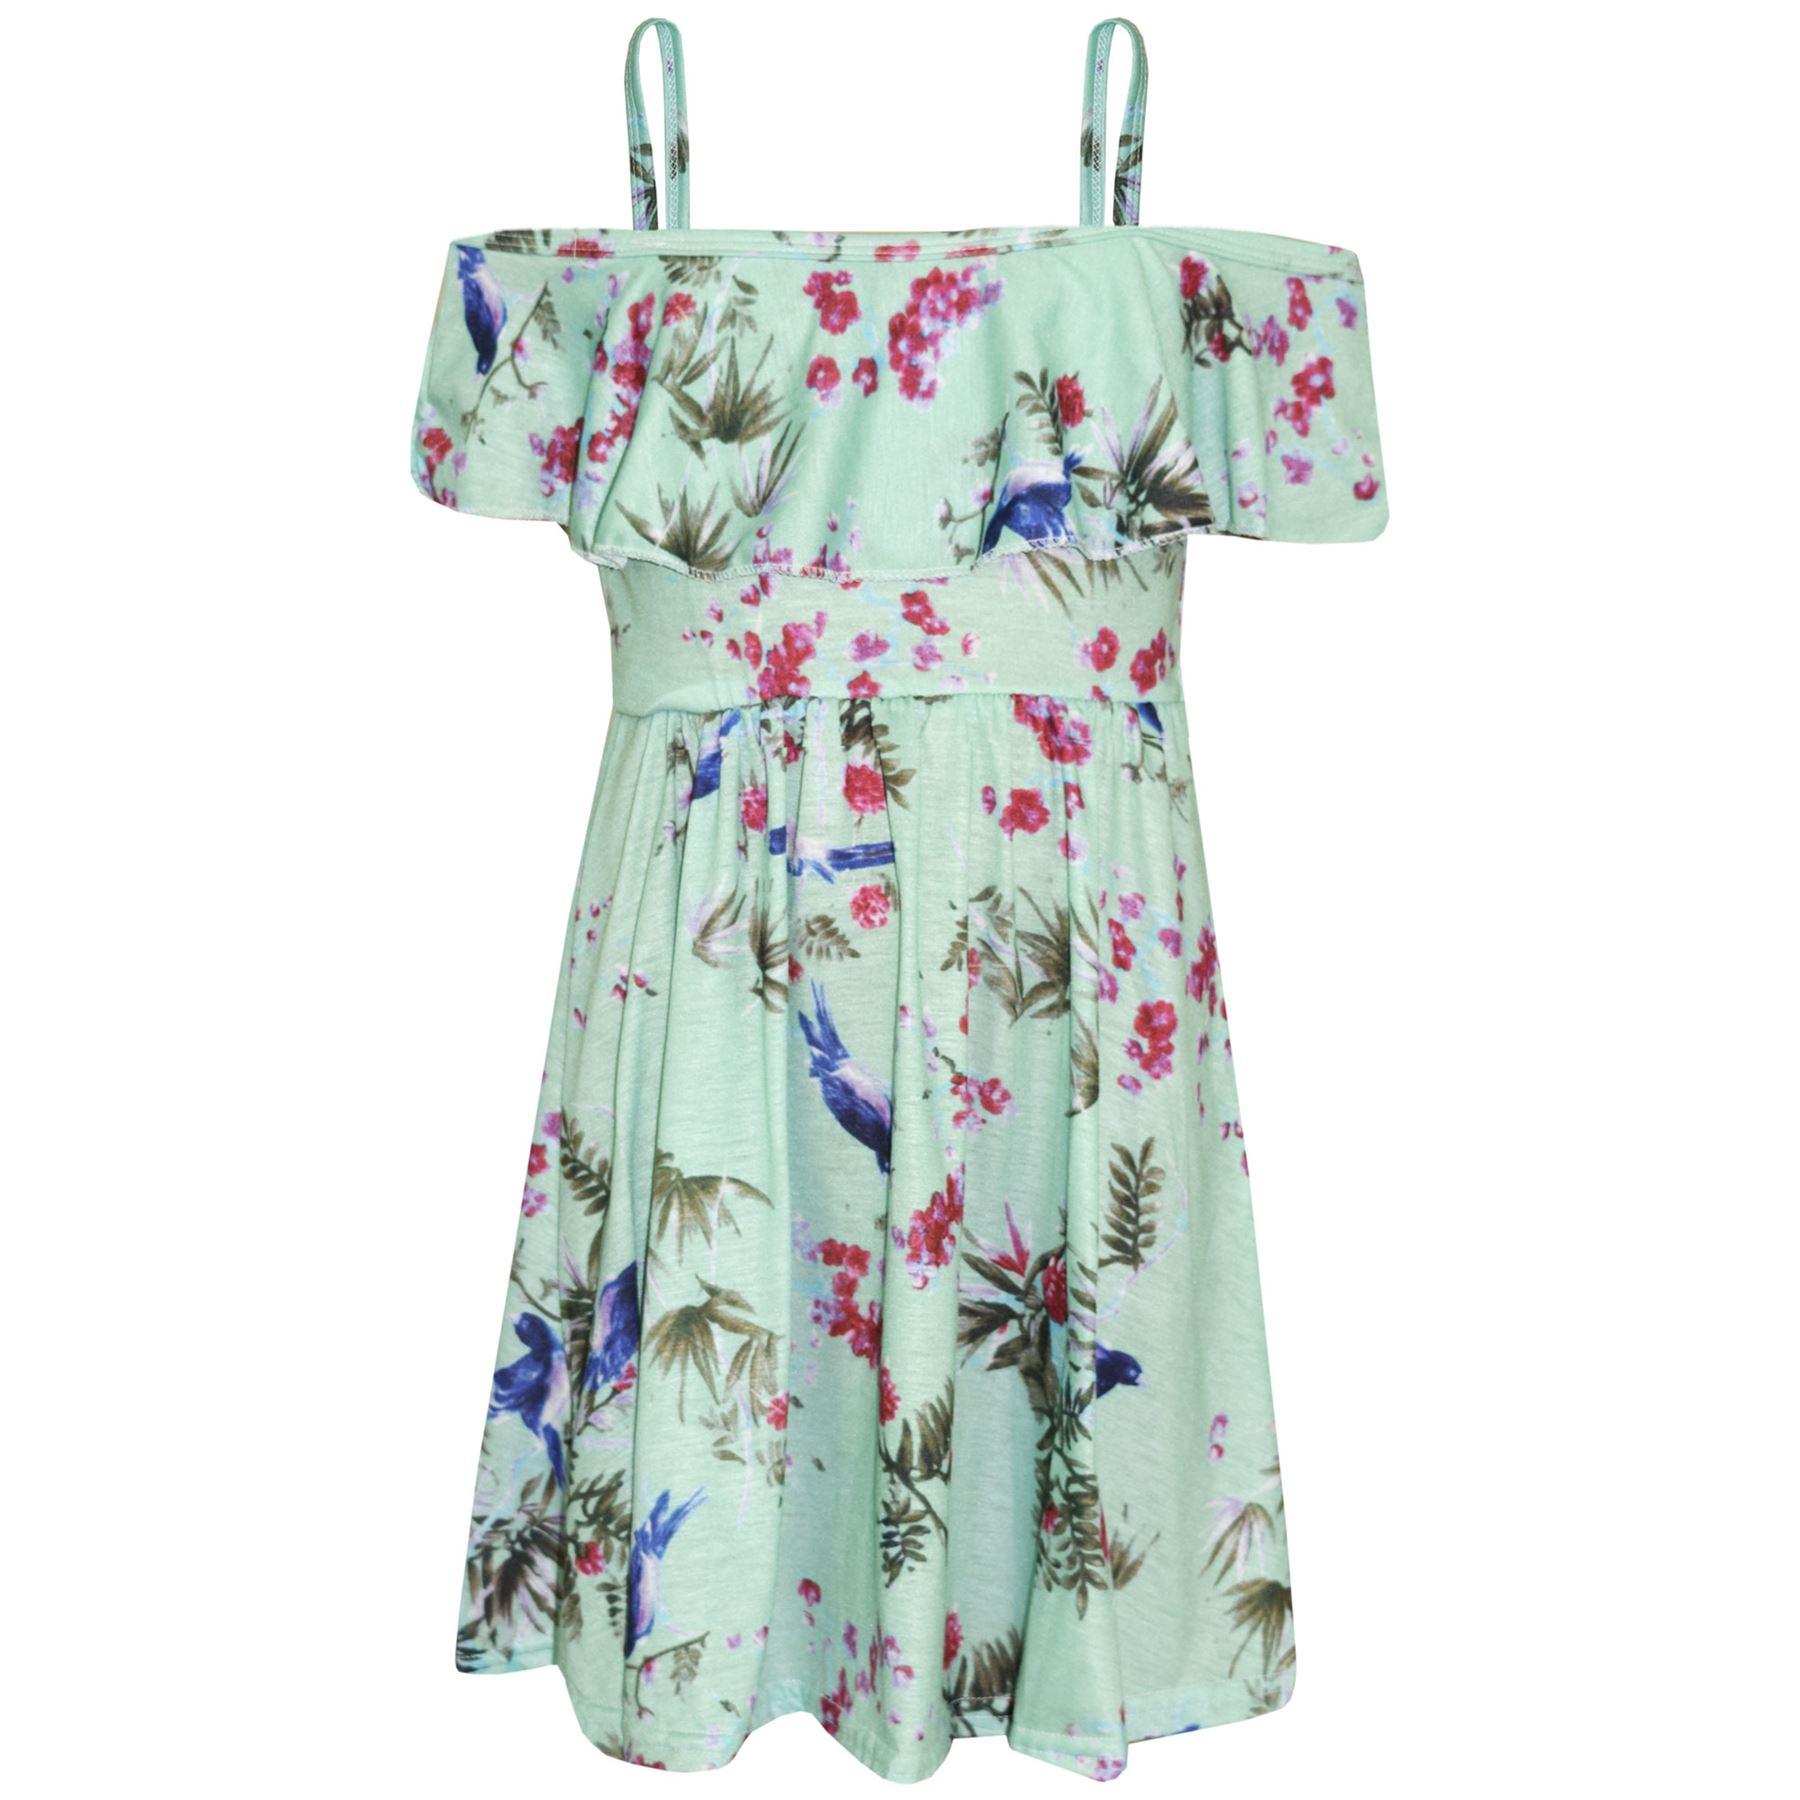 Kids-Girls-Skater-Dress-Floral-Print-Summer-Party-Fashion-Off-Shoulder-Dresses thumbnail 22